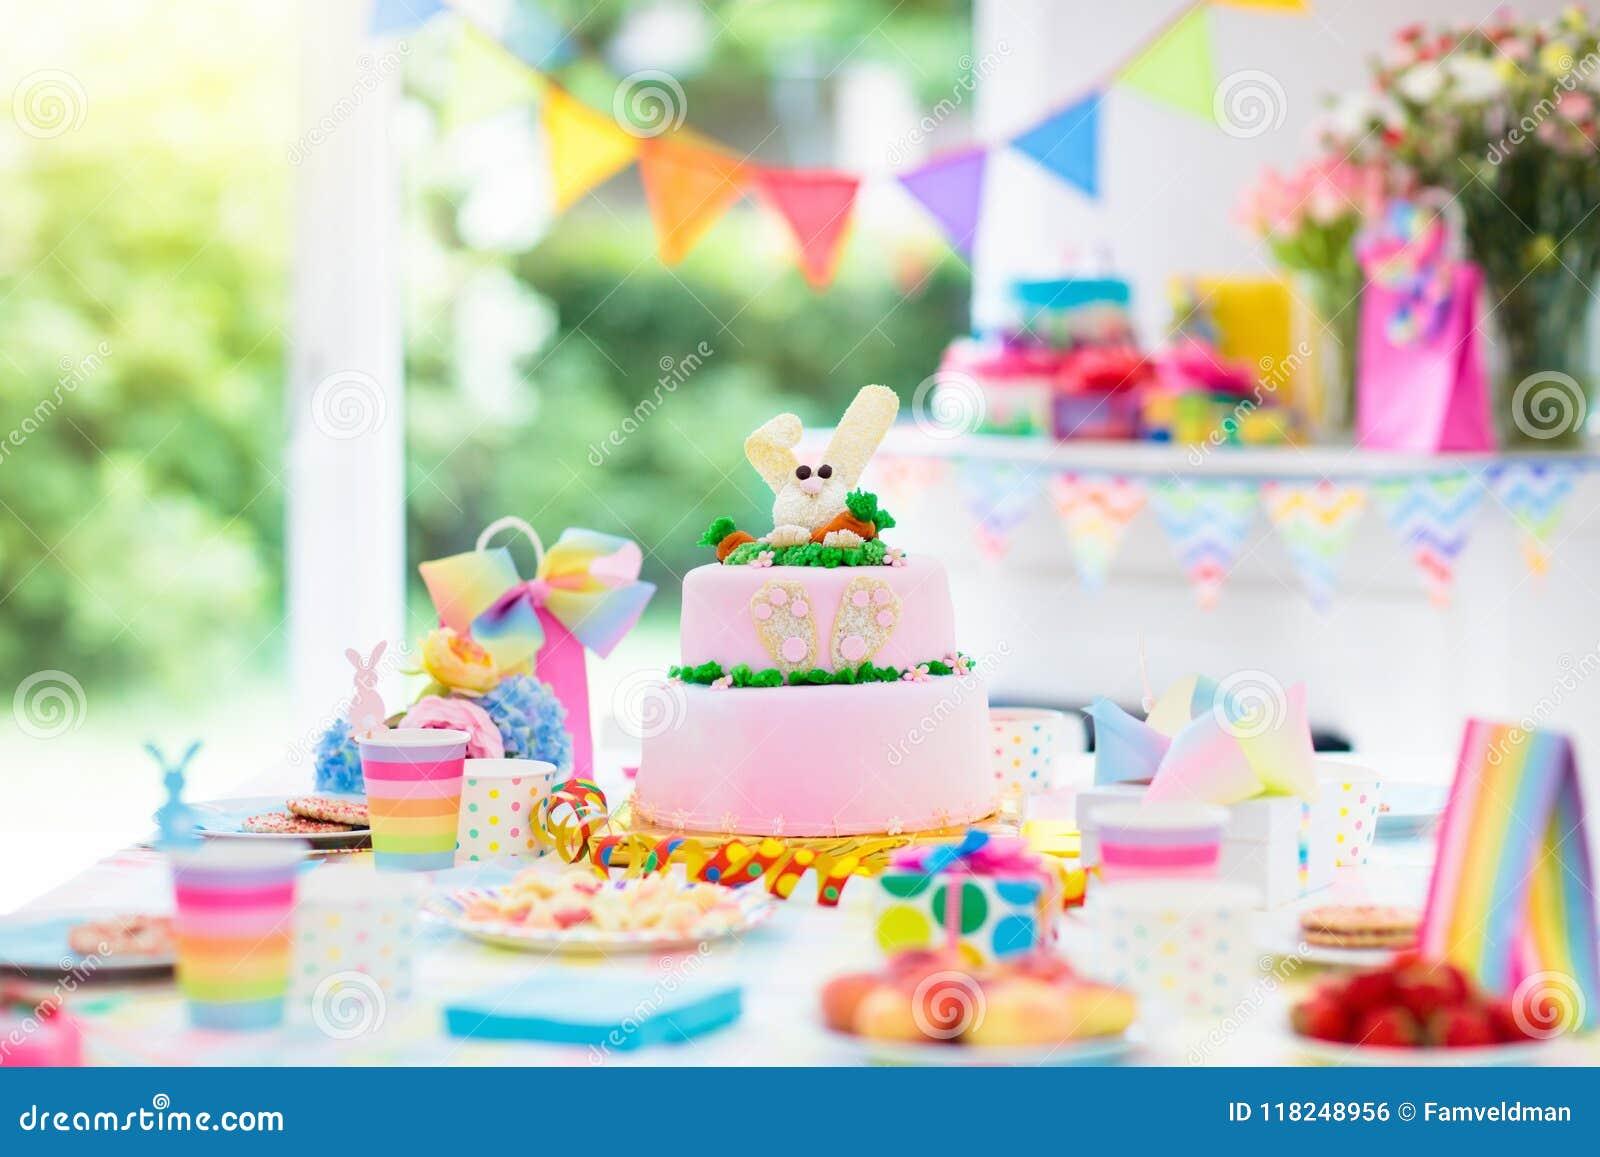 Decoração e bolo da festa de anos das crianças